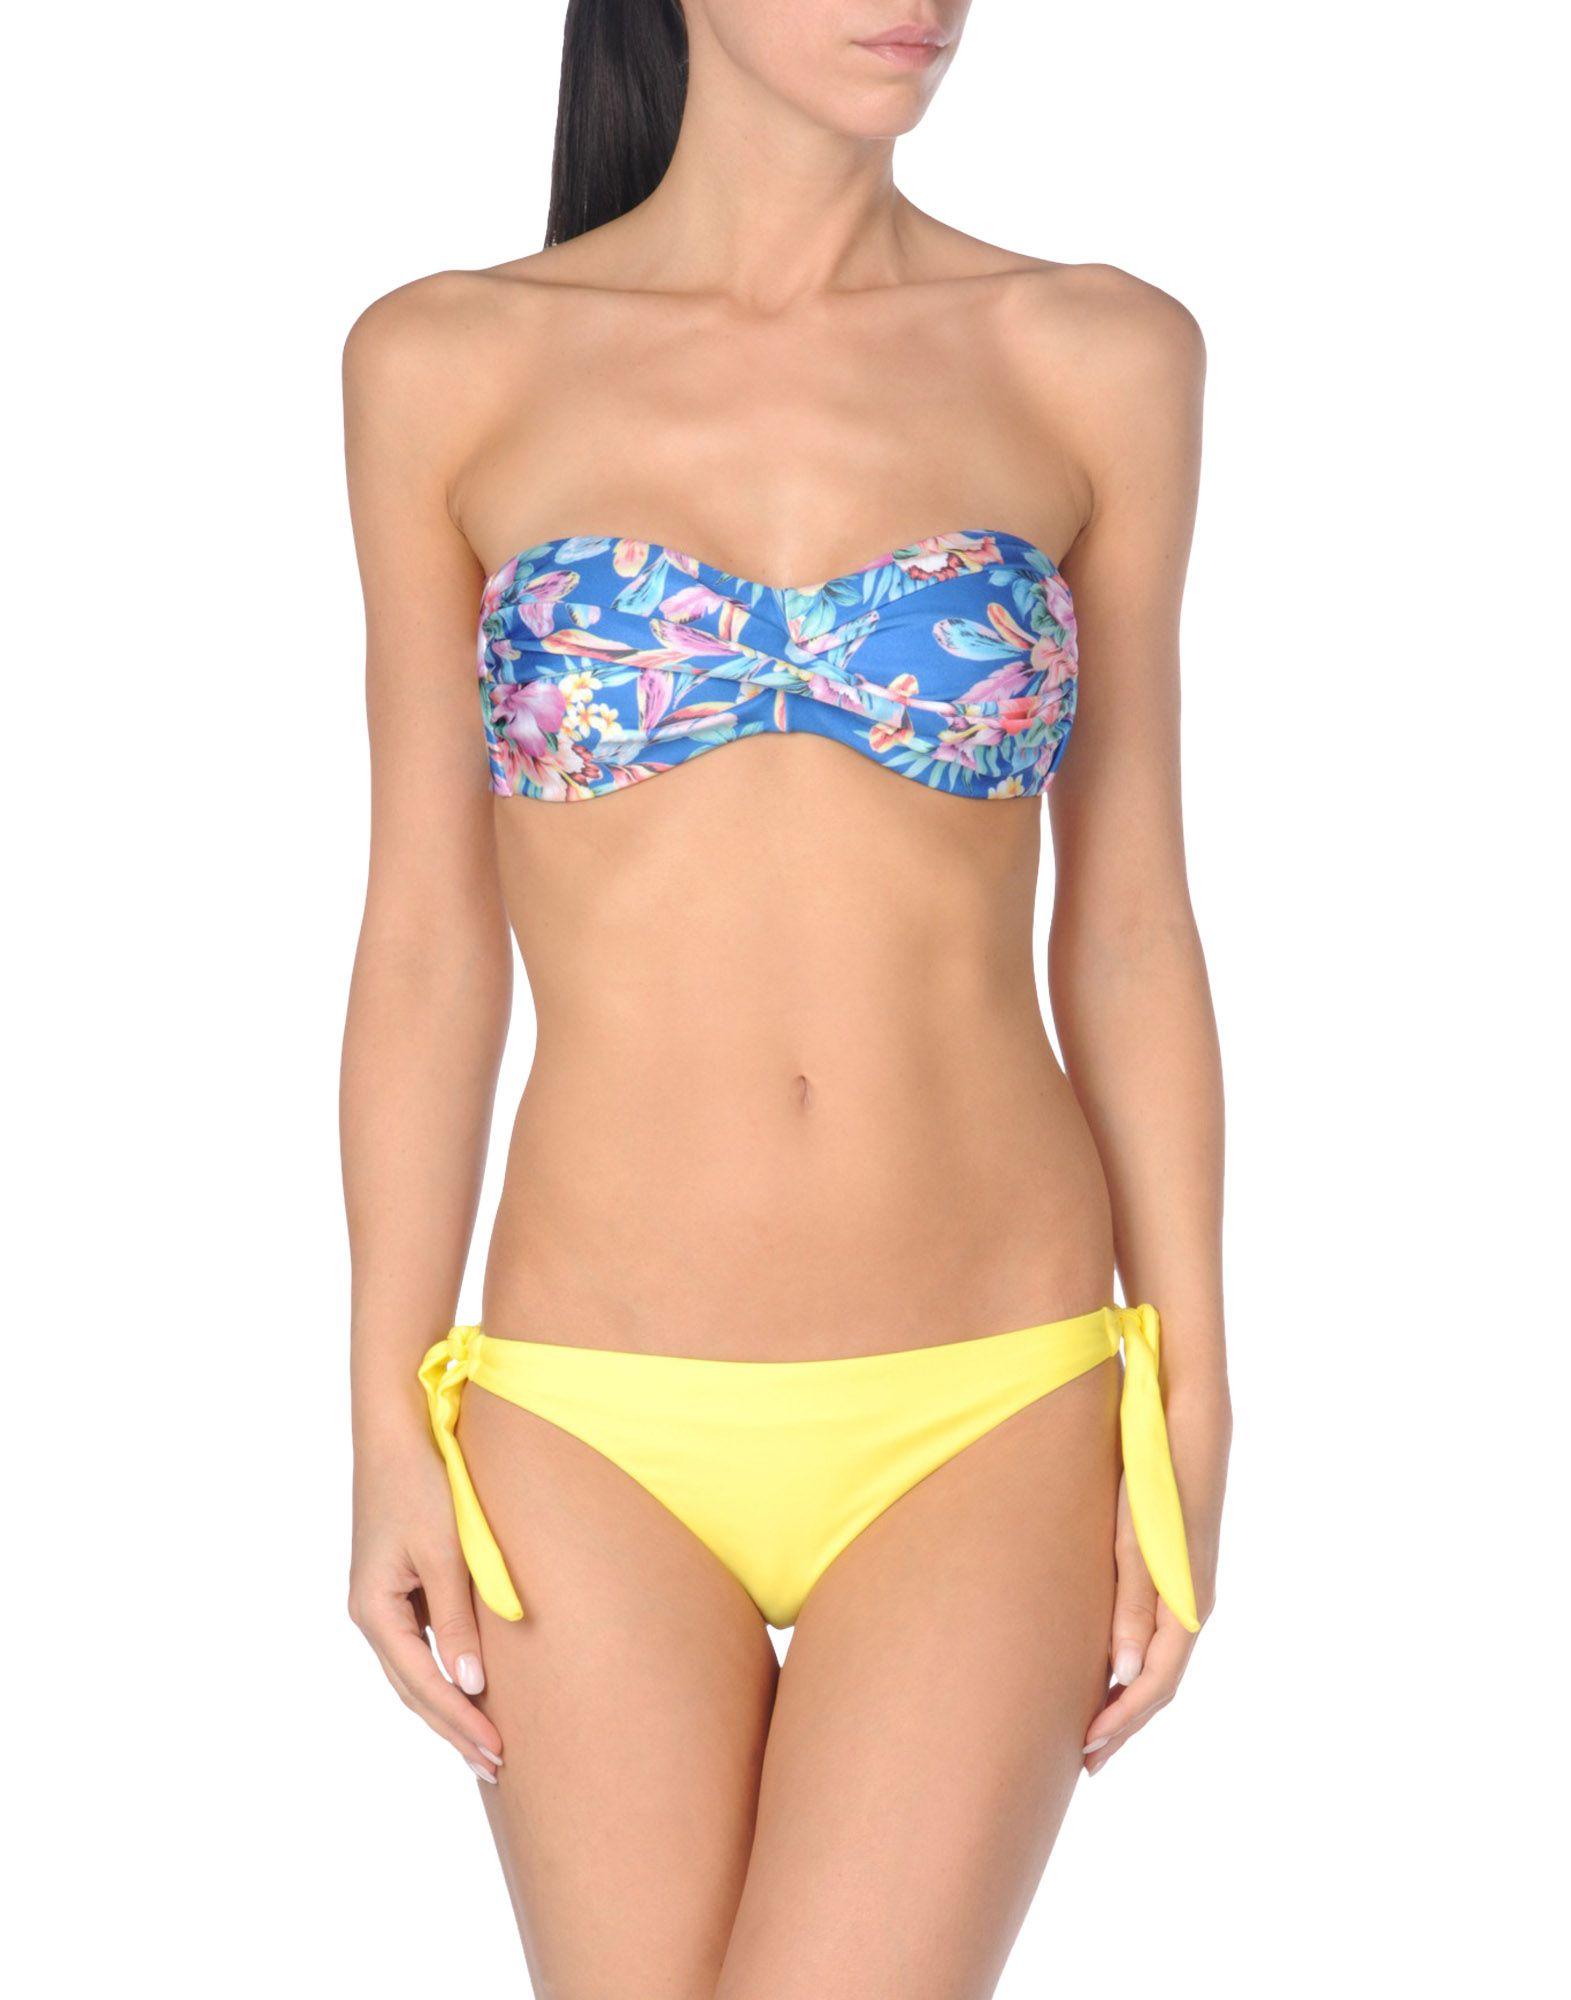 HELIS BRAIN Бикини женщины бикини 2018 сексуальная микро низкая талия бикини push up купальники купальники плавание купальные костюмы бразильский бикини